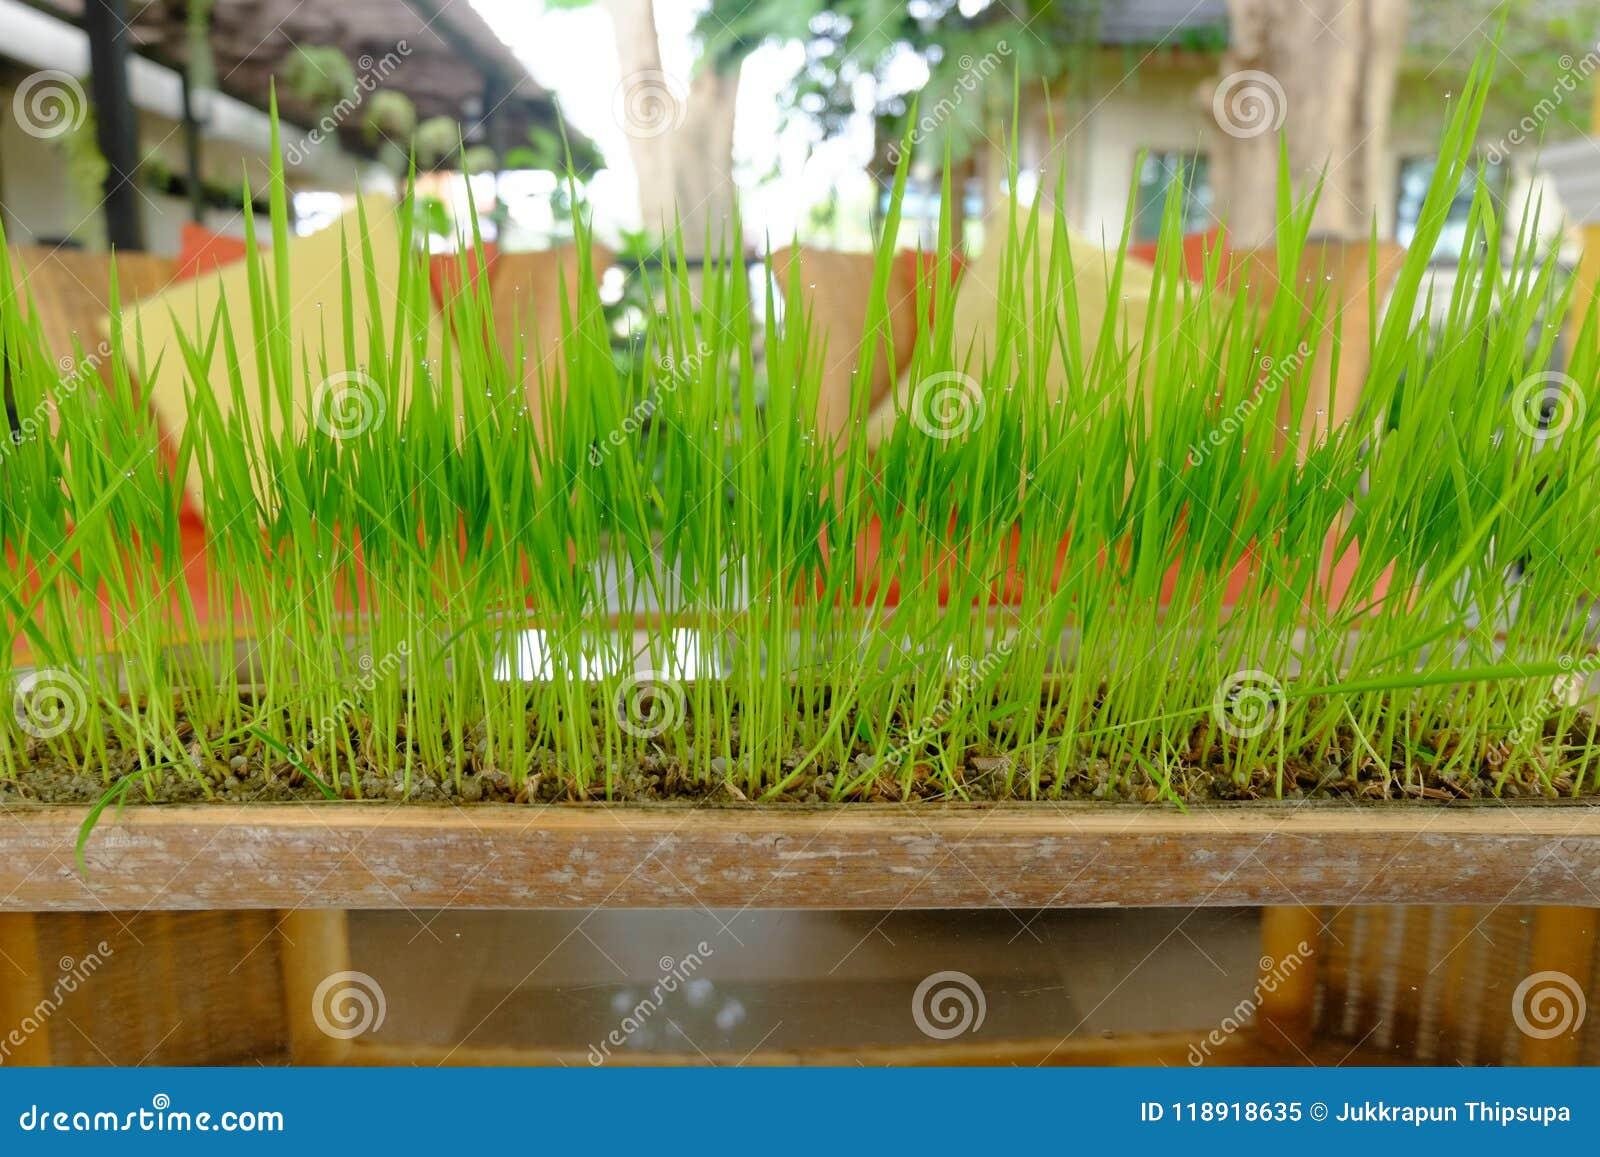 Herbe verte s élevant dans un pot fait à partir du bambou